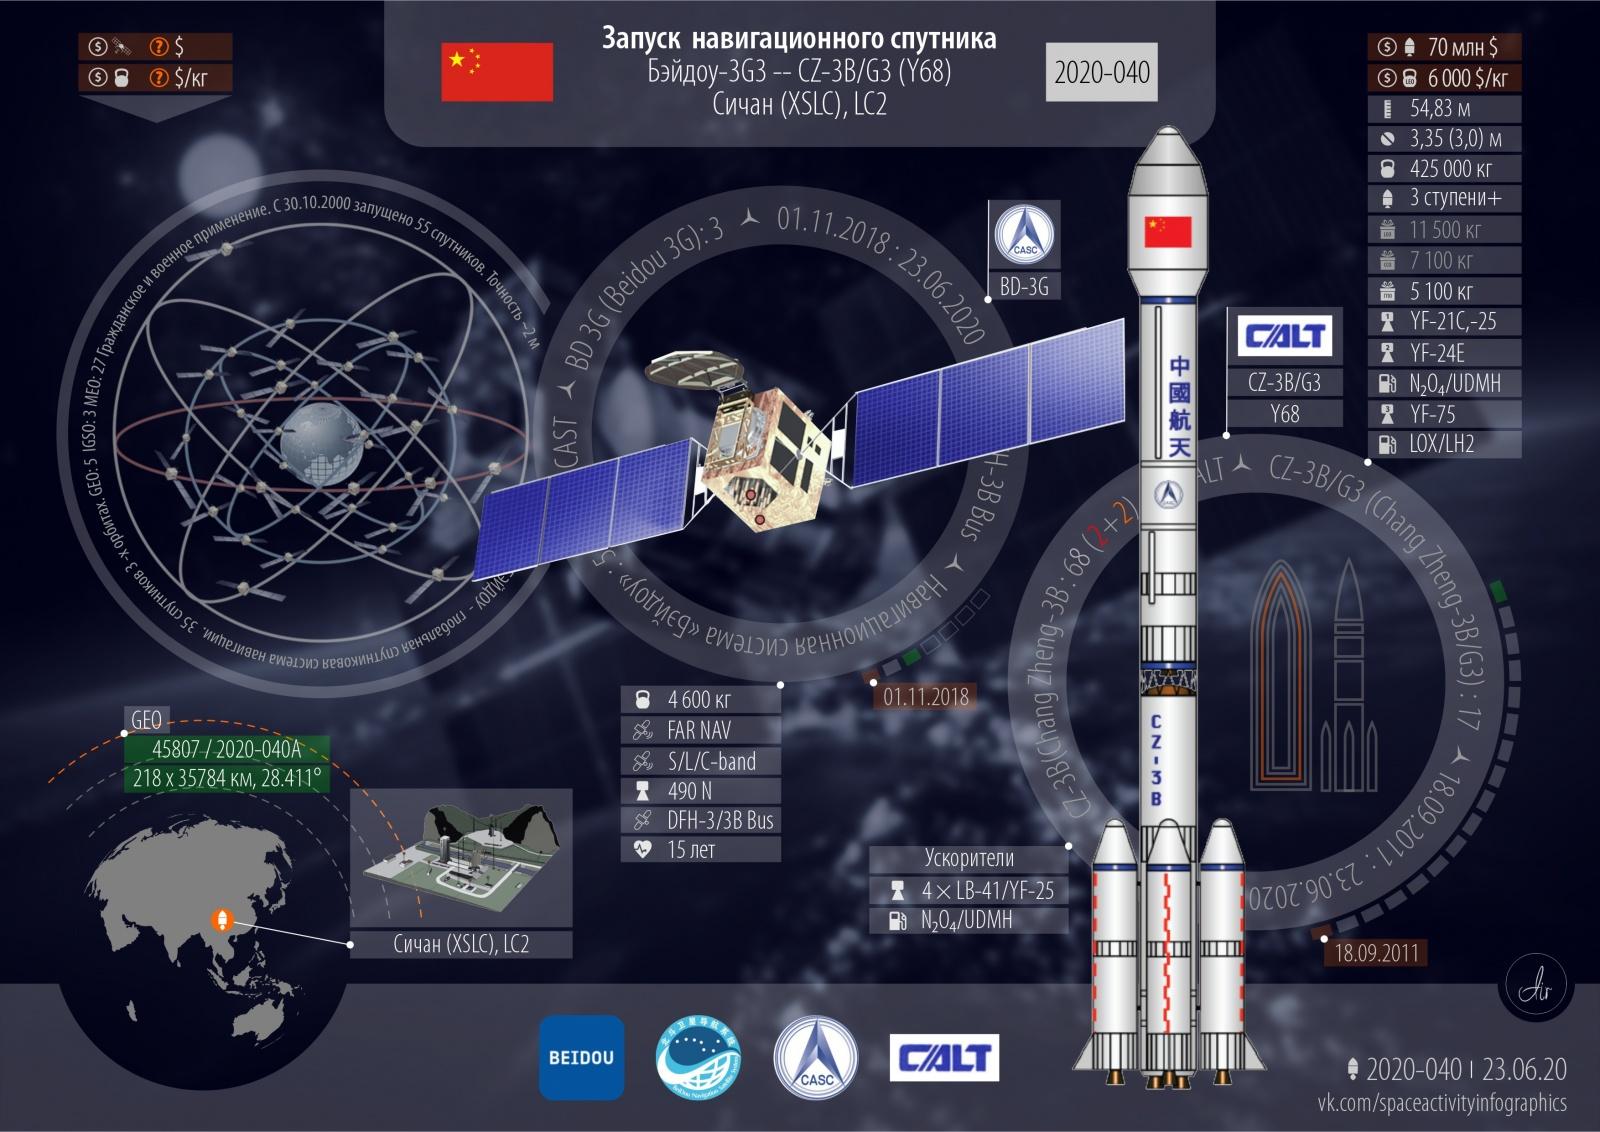 Успешный запуск. 44-й в 2020 году. 15-й от Китая. Навигационный спутник BeiDou - 2